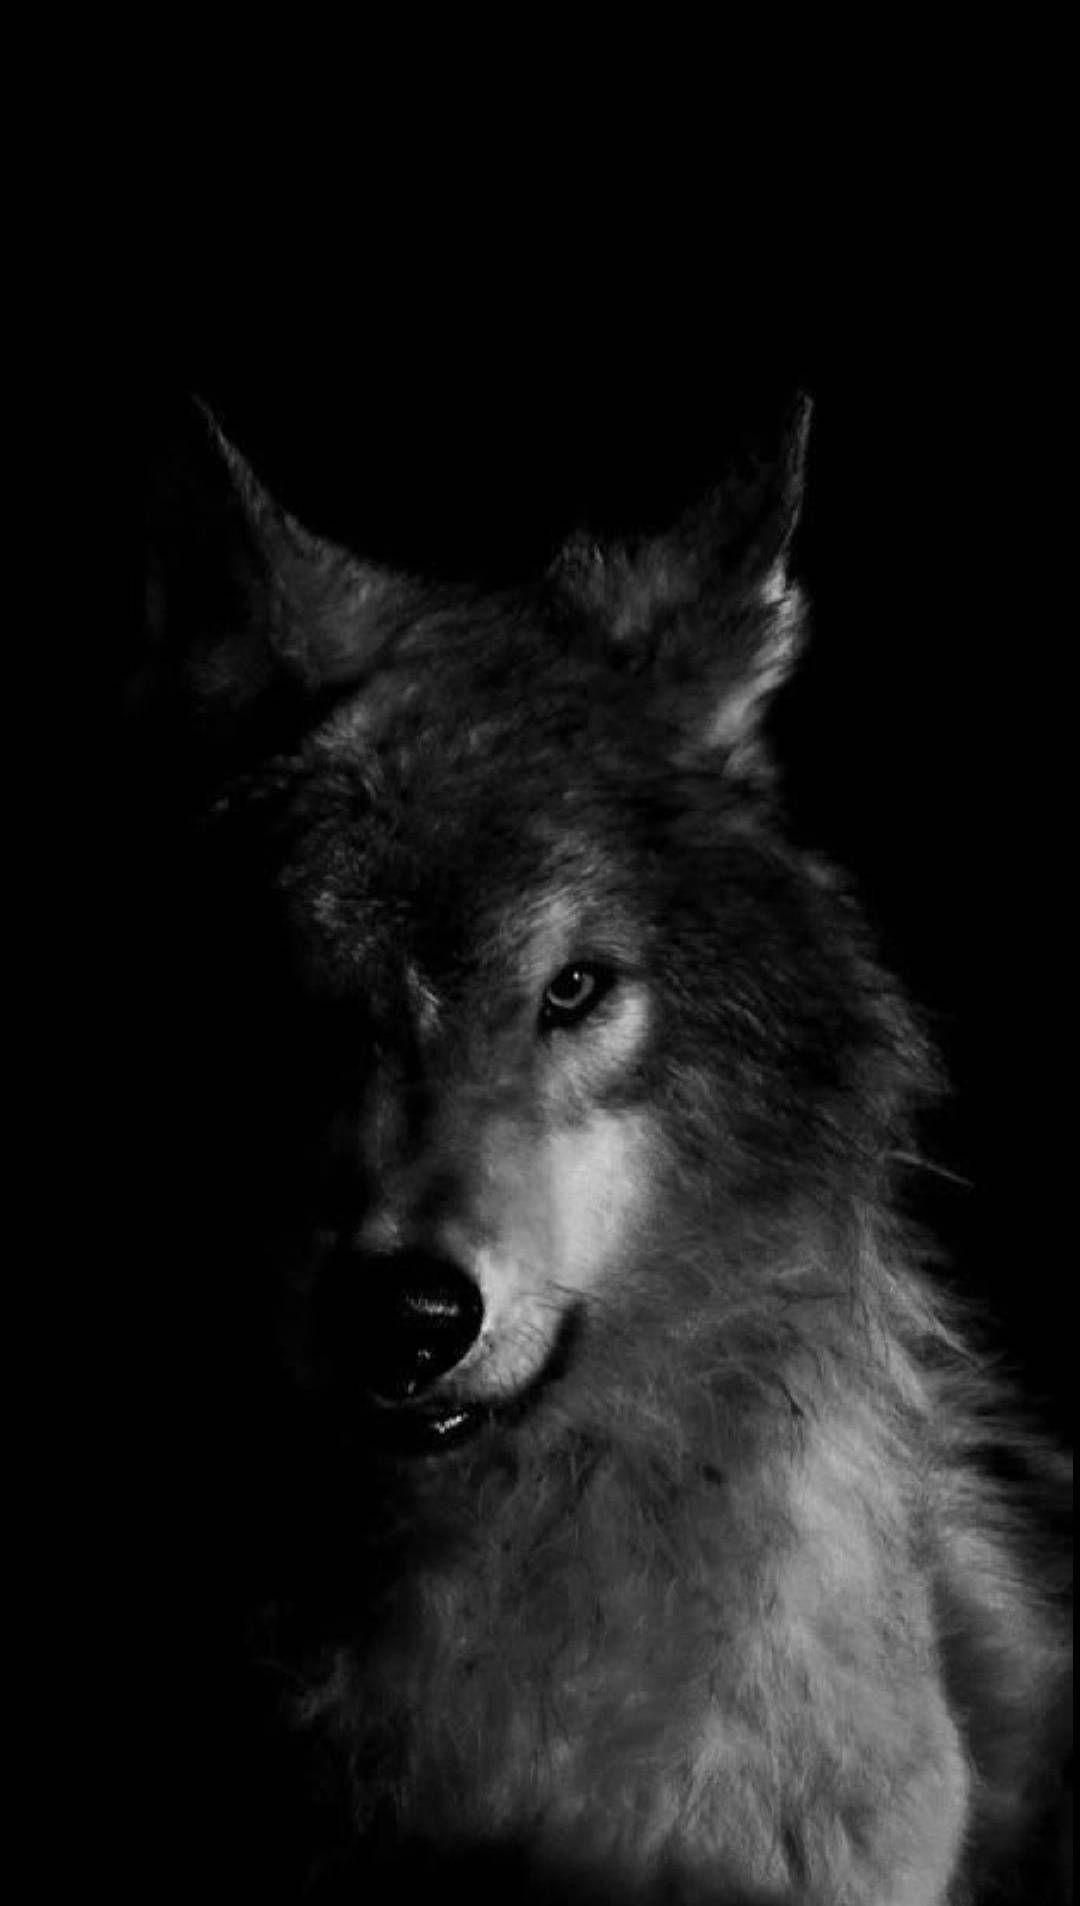 Epingle Par Janka Dugelova Sur Wolf En 2020 Peinture De Loup Modele De Tatouage Loup Comment Dessiner Un Chien